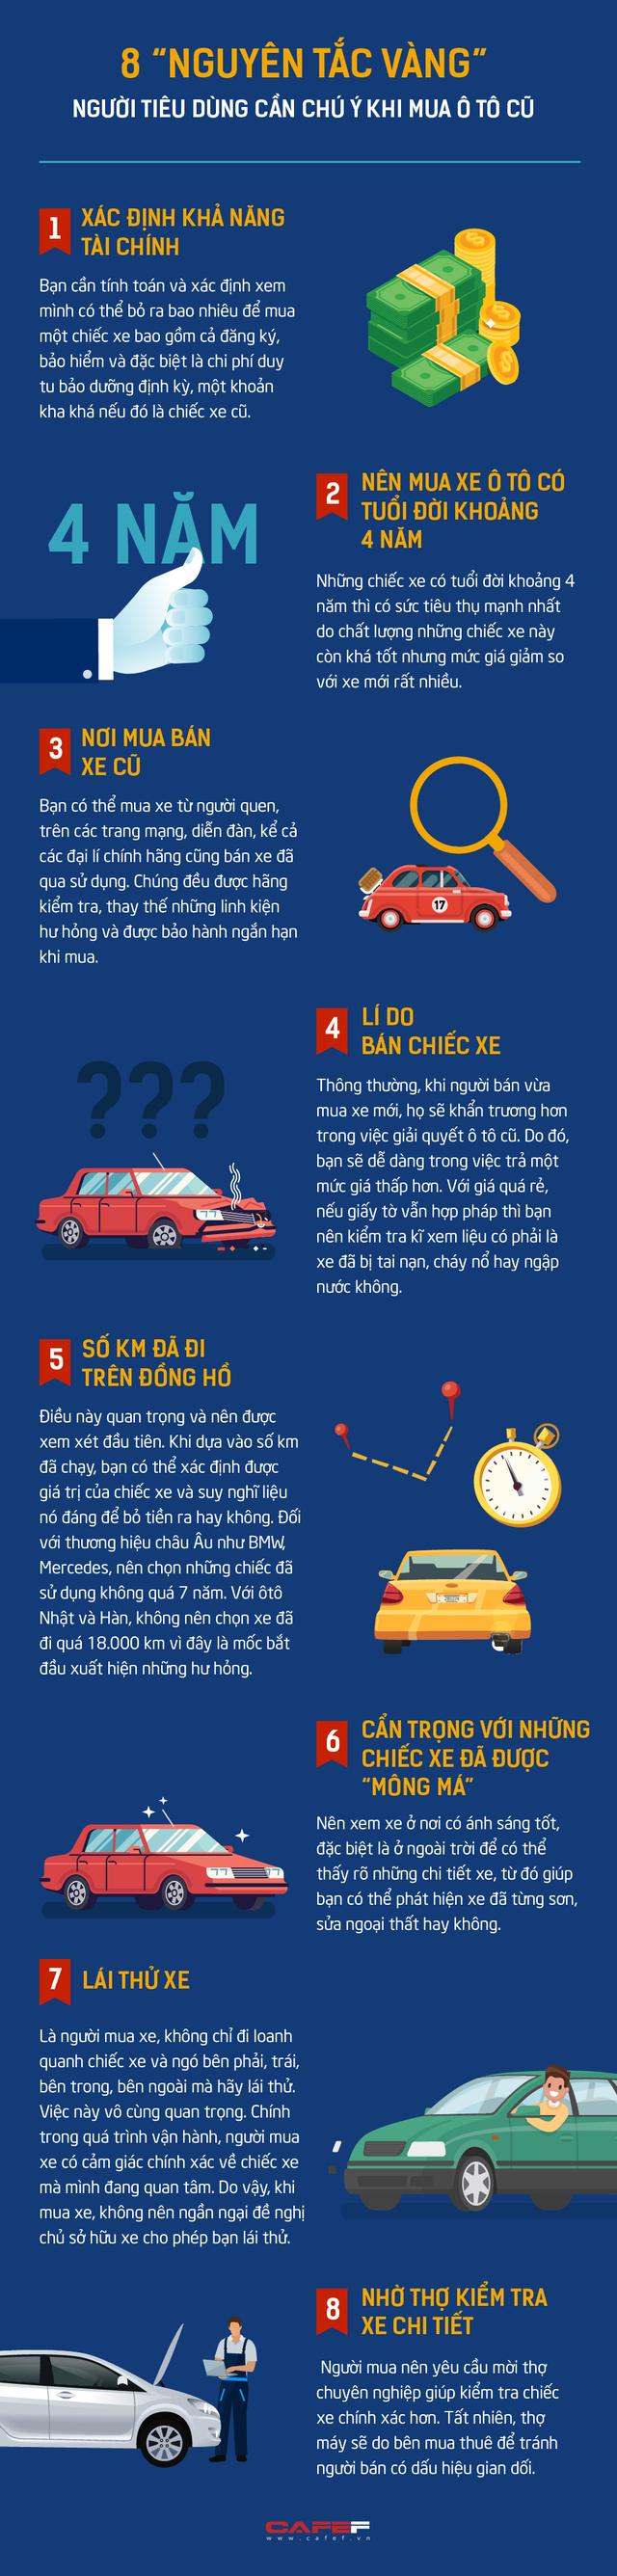 8 nguyên tắc vàng người tiêu dùng cần chú ý khi mua ô tô cũ - Ảnh 1.